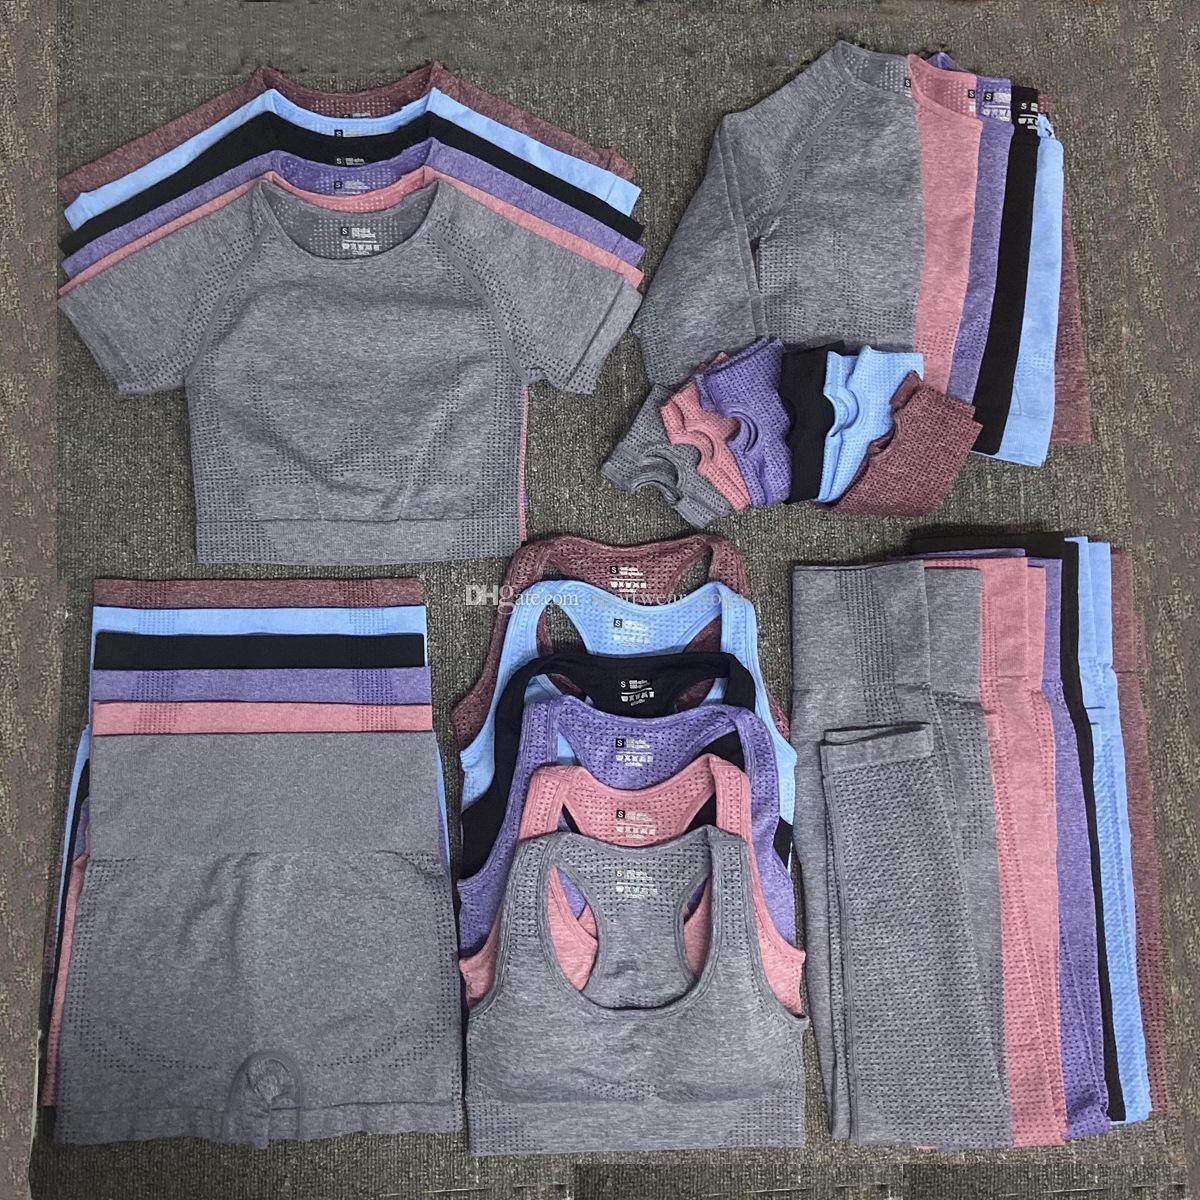 Chándalsuits diseñador para mujer yoga traje gimnasio ropa deportiva ropa deportiva deportes de cinco piezas 5pcs sujetador camiseta pantalones cortos leggings casual trajes de entrenamiento sets moda algodón